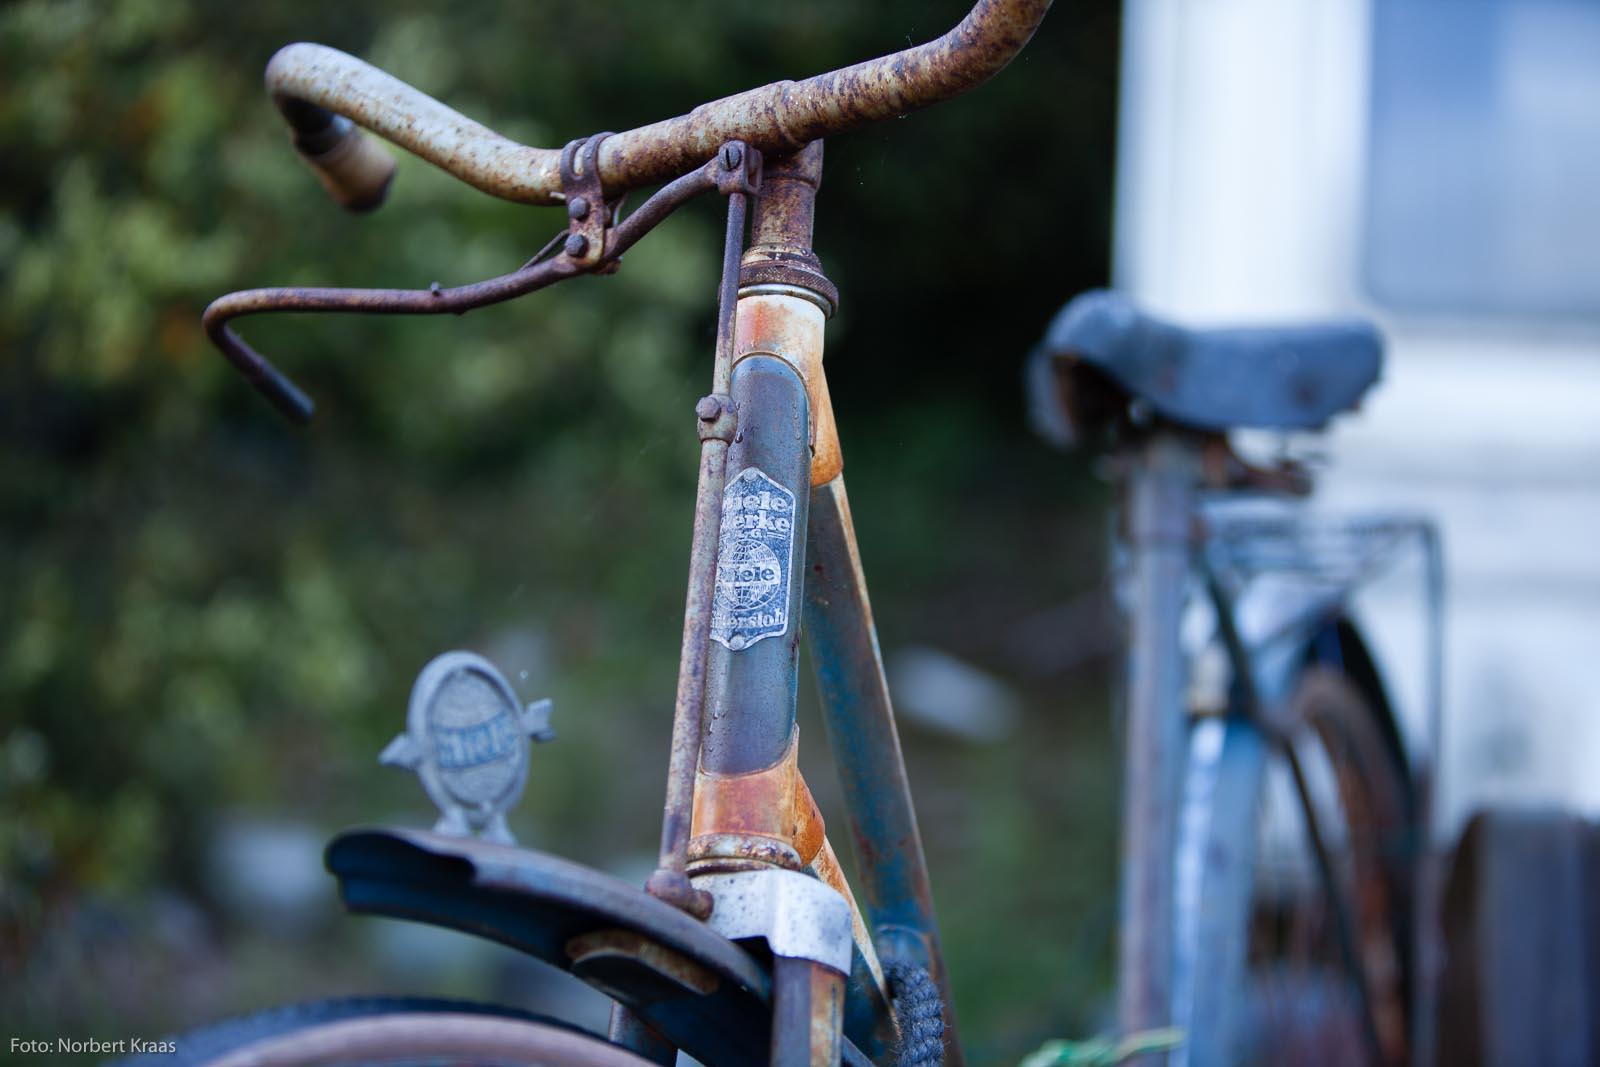 Miele-Fahrrad auf Schrottplatz im Languedoc